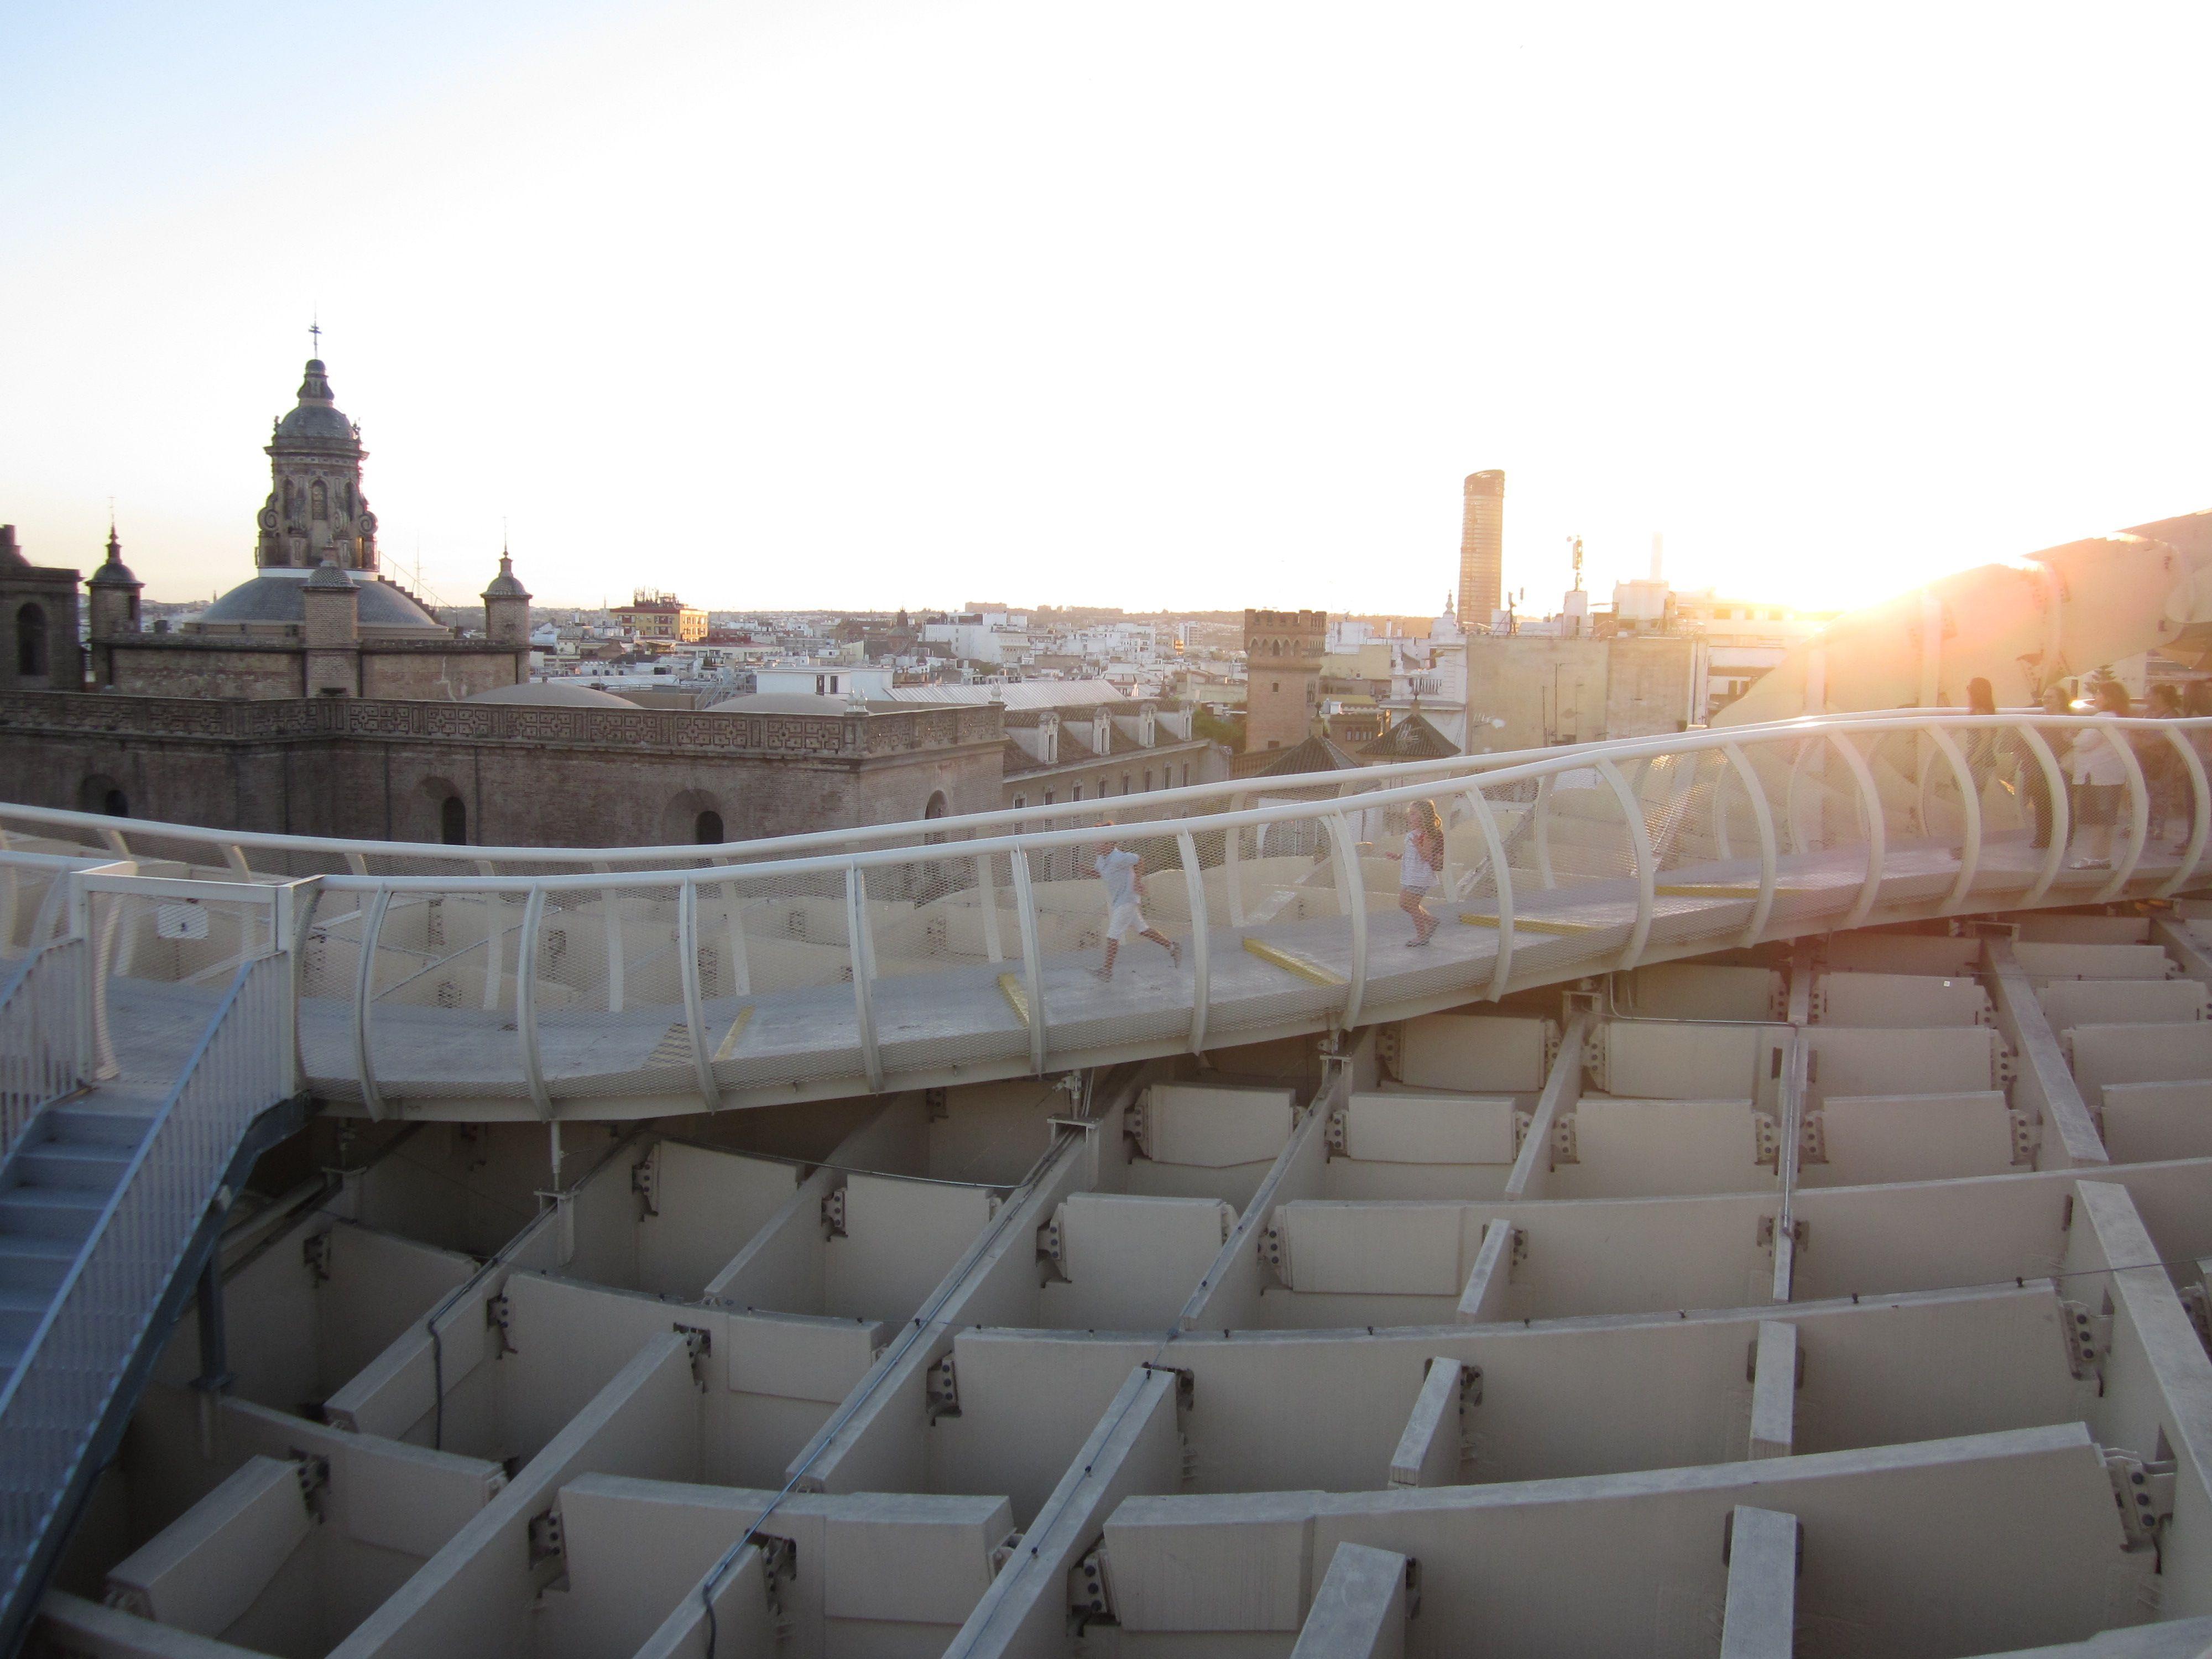 Las Setas, Sevilla, Spain